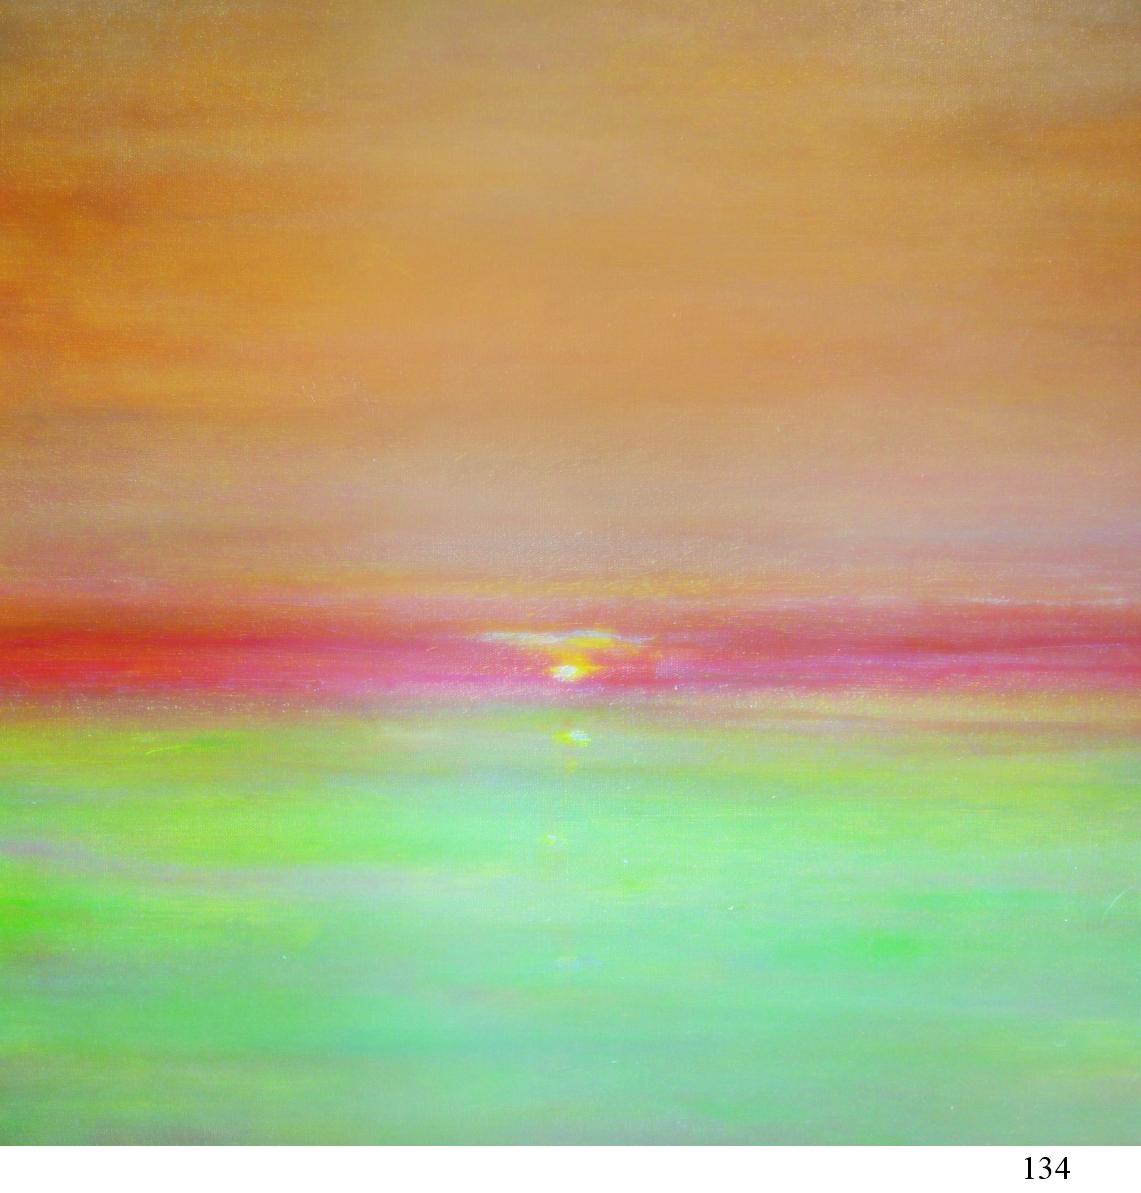 134 dusk gregor arthur arty cards 6x6.jpg